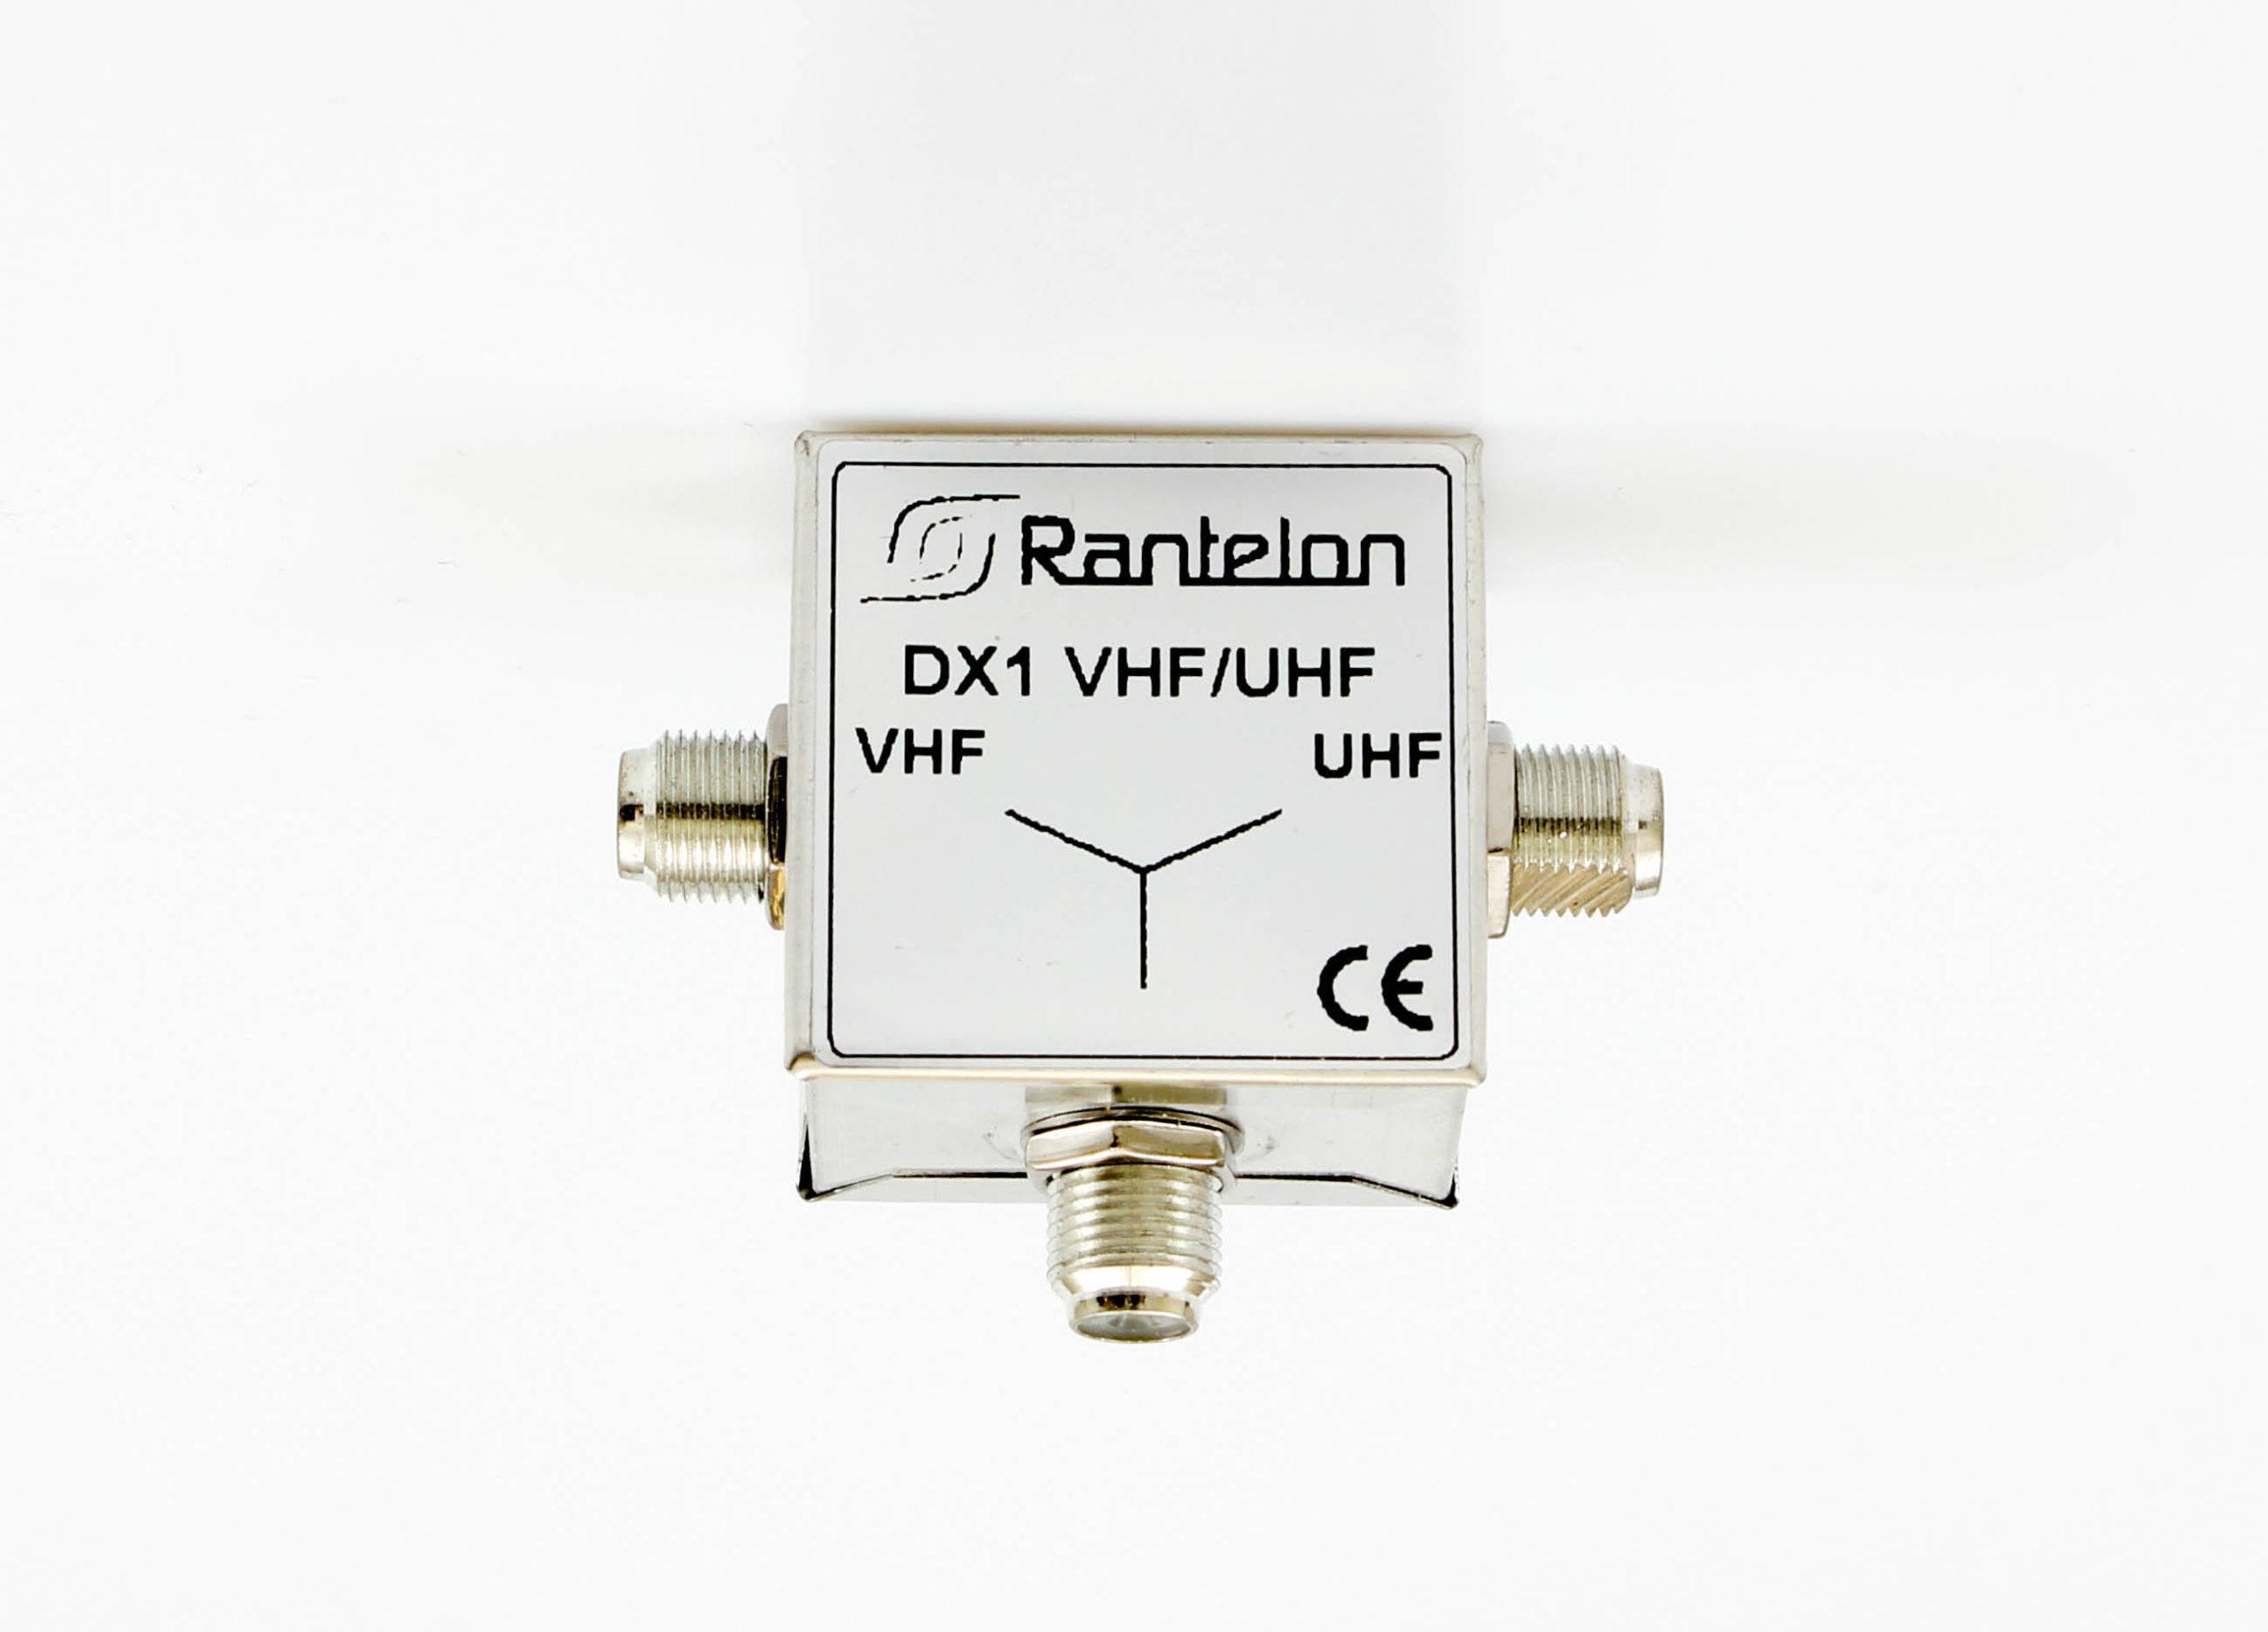 DX1-VHF/UHF